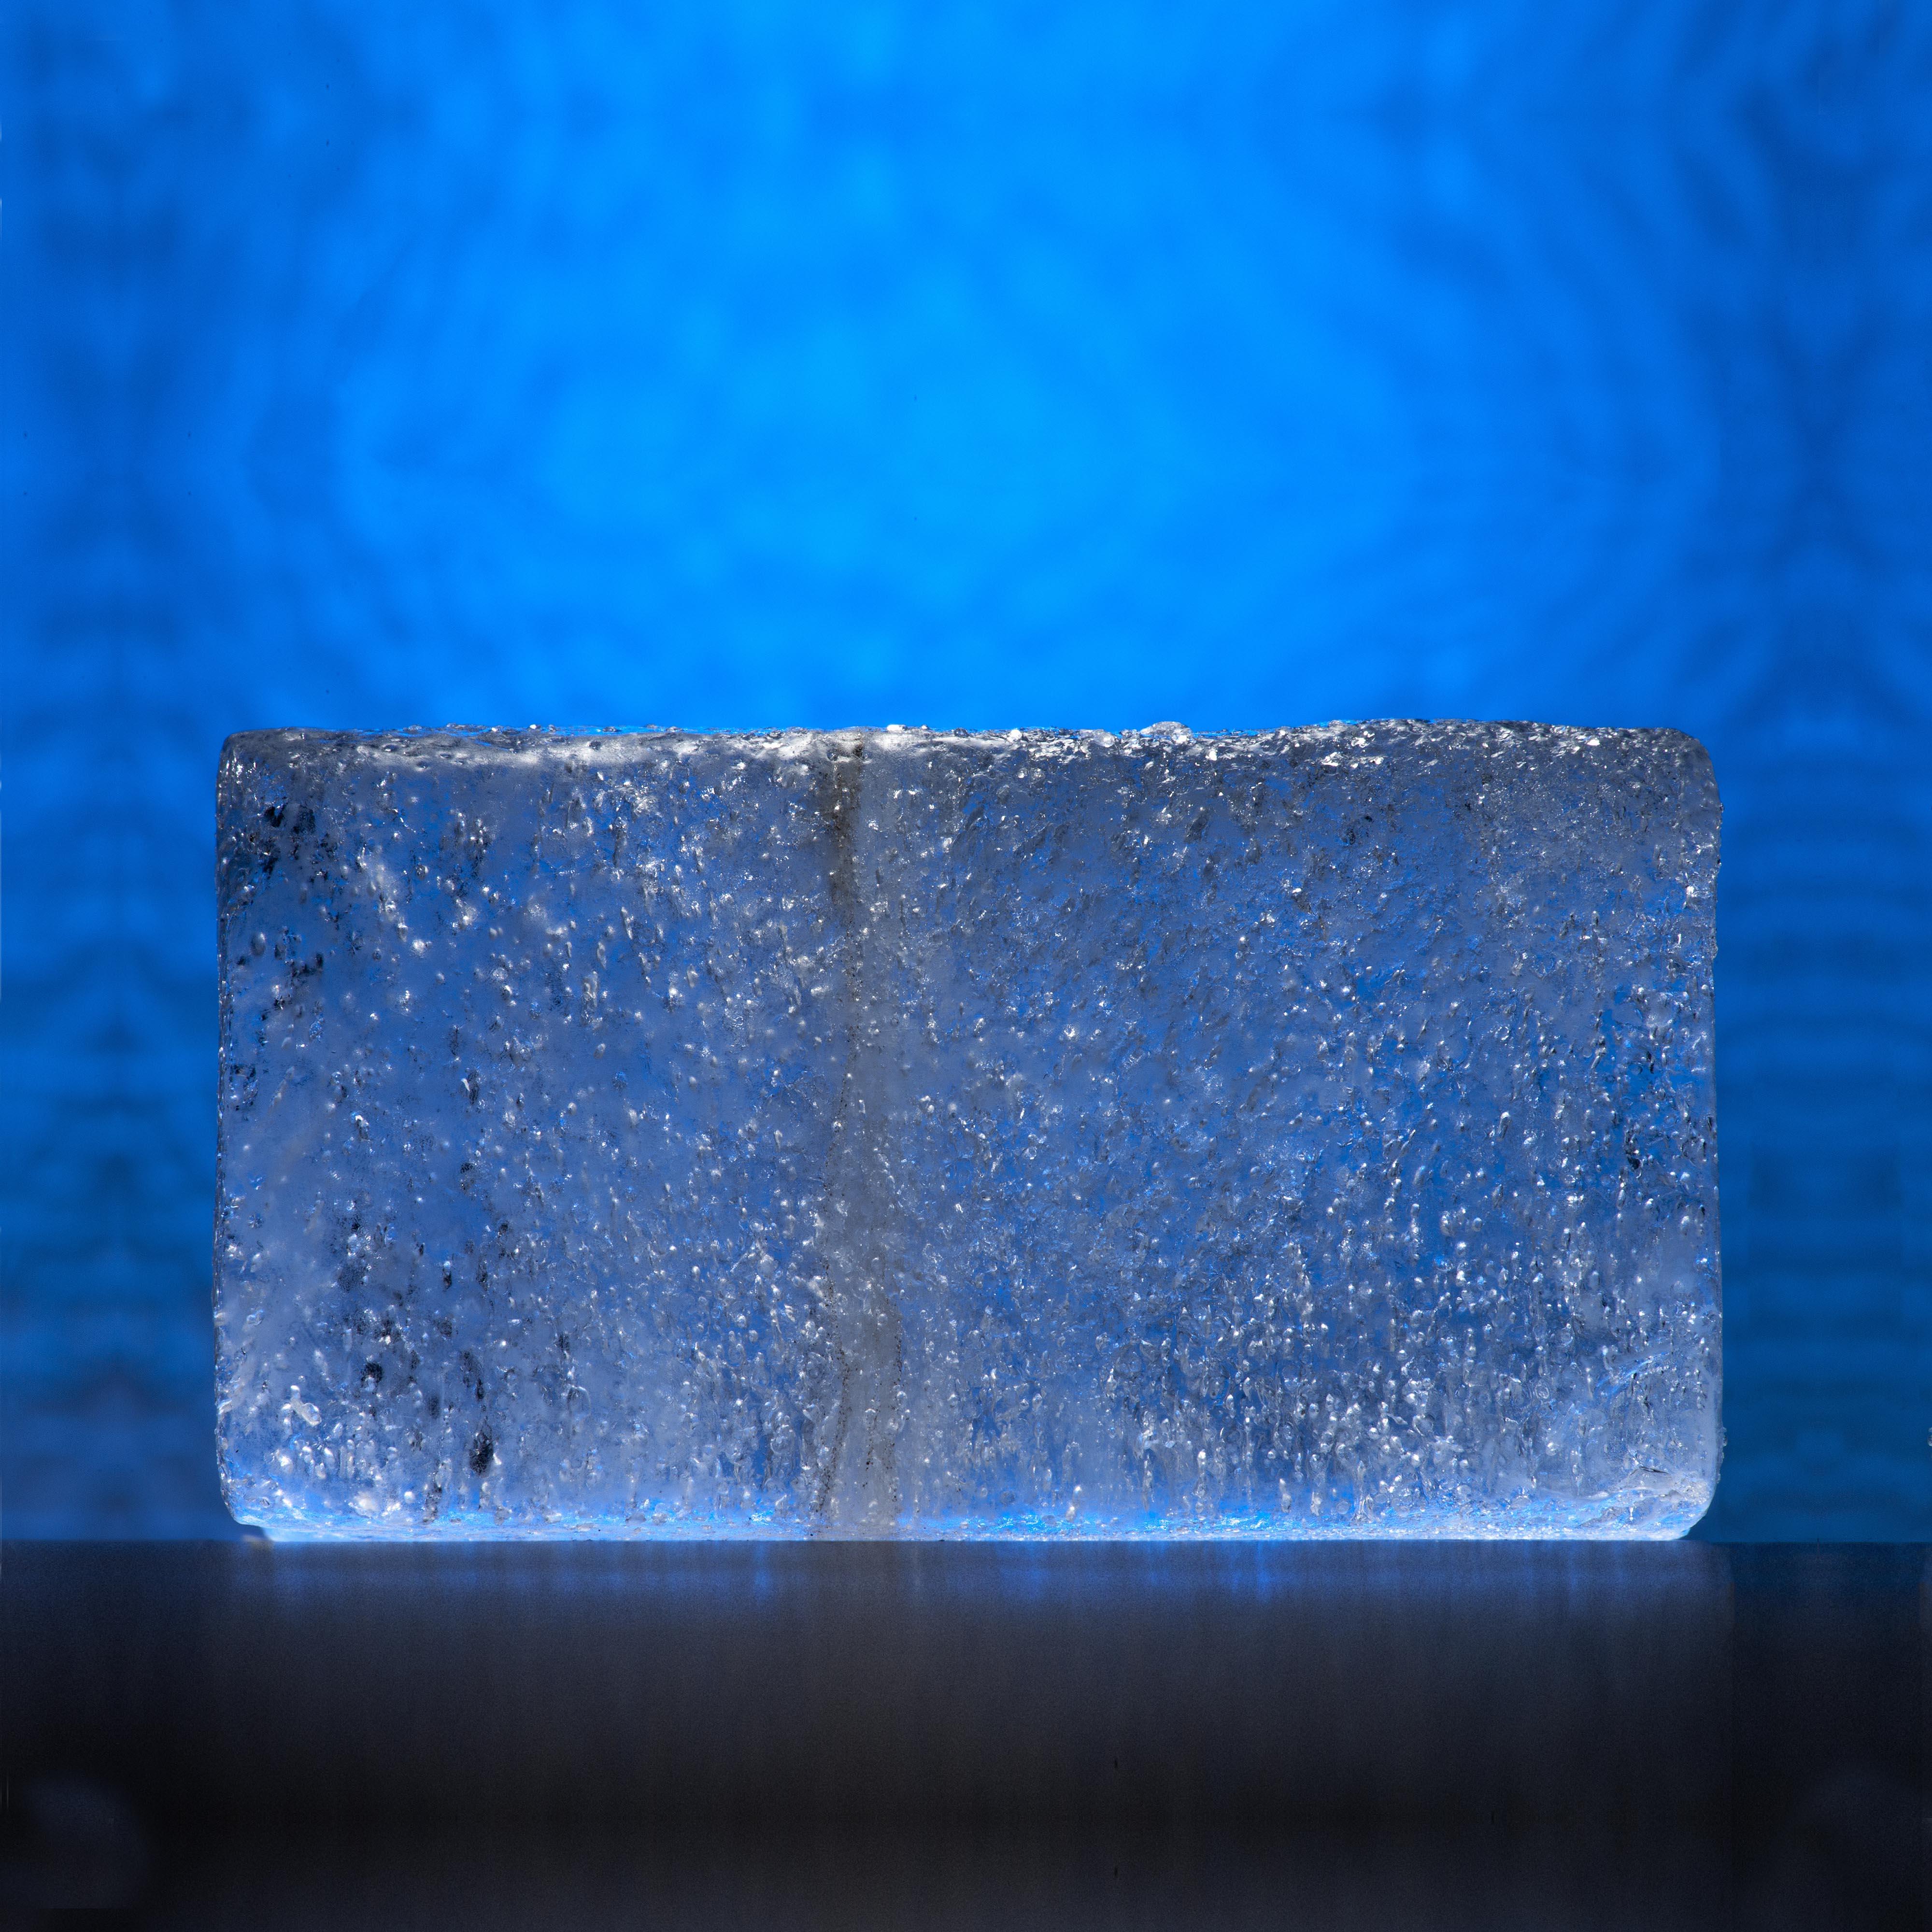 Im Eis eingeschlossene Gasbläschen und Asche lassen liefern Angaben über das vergangene Klima und Klimawechsel – etwa zu einem prähistorischen Vulkanausbruch vor 14'000 Jahren.  Bild: Pete Bucktrout / British Antarctic Survey